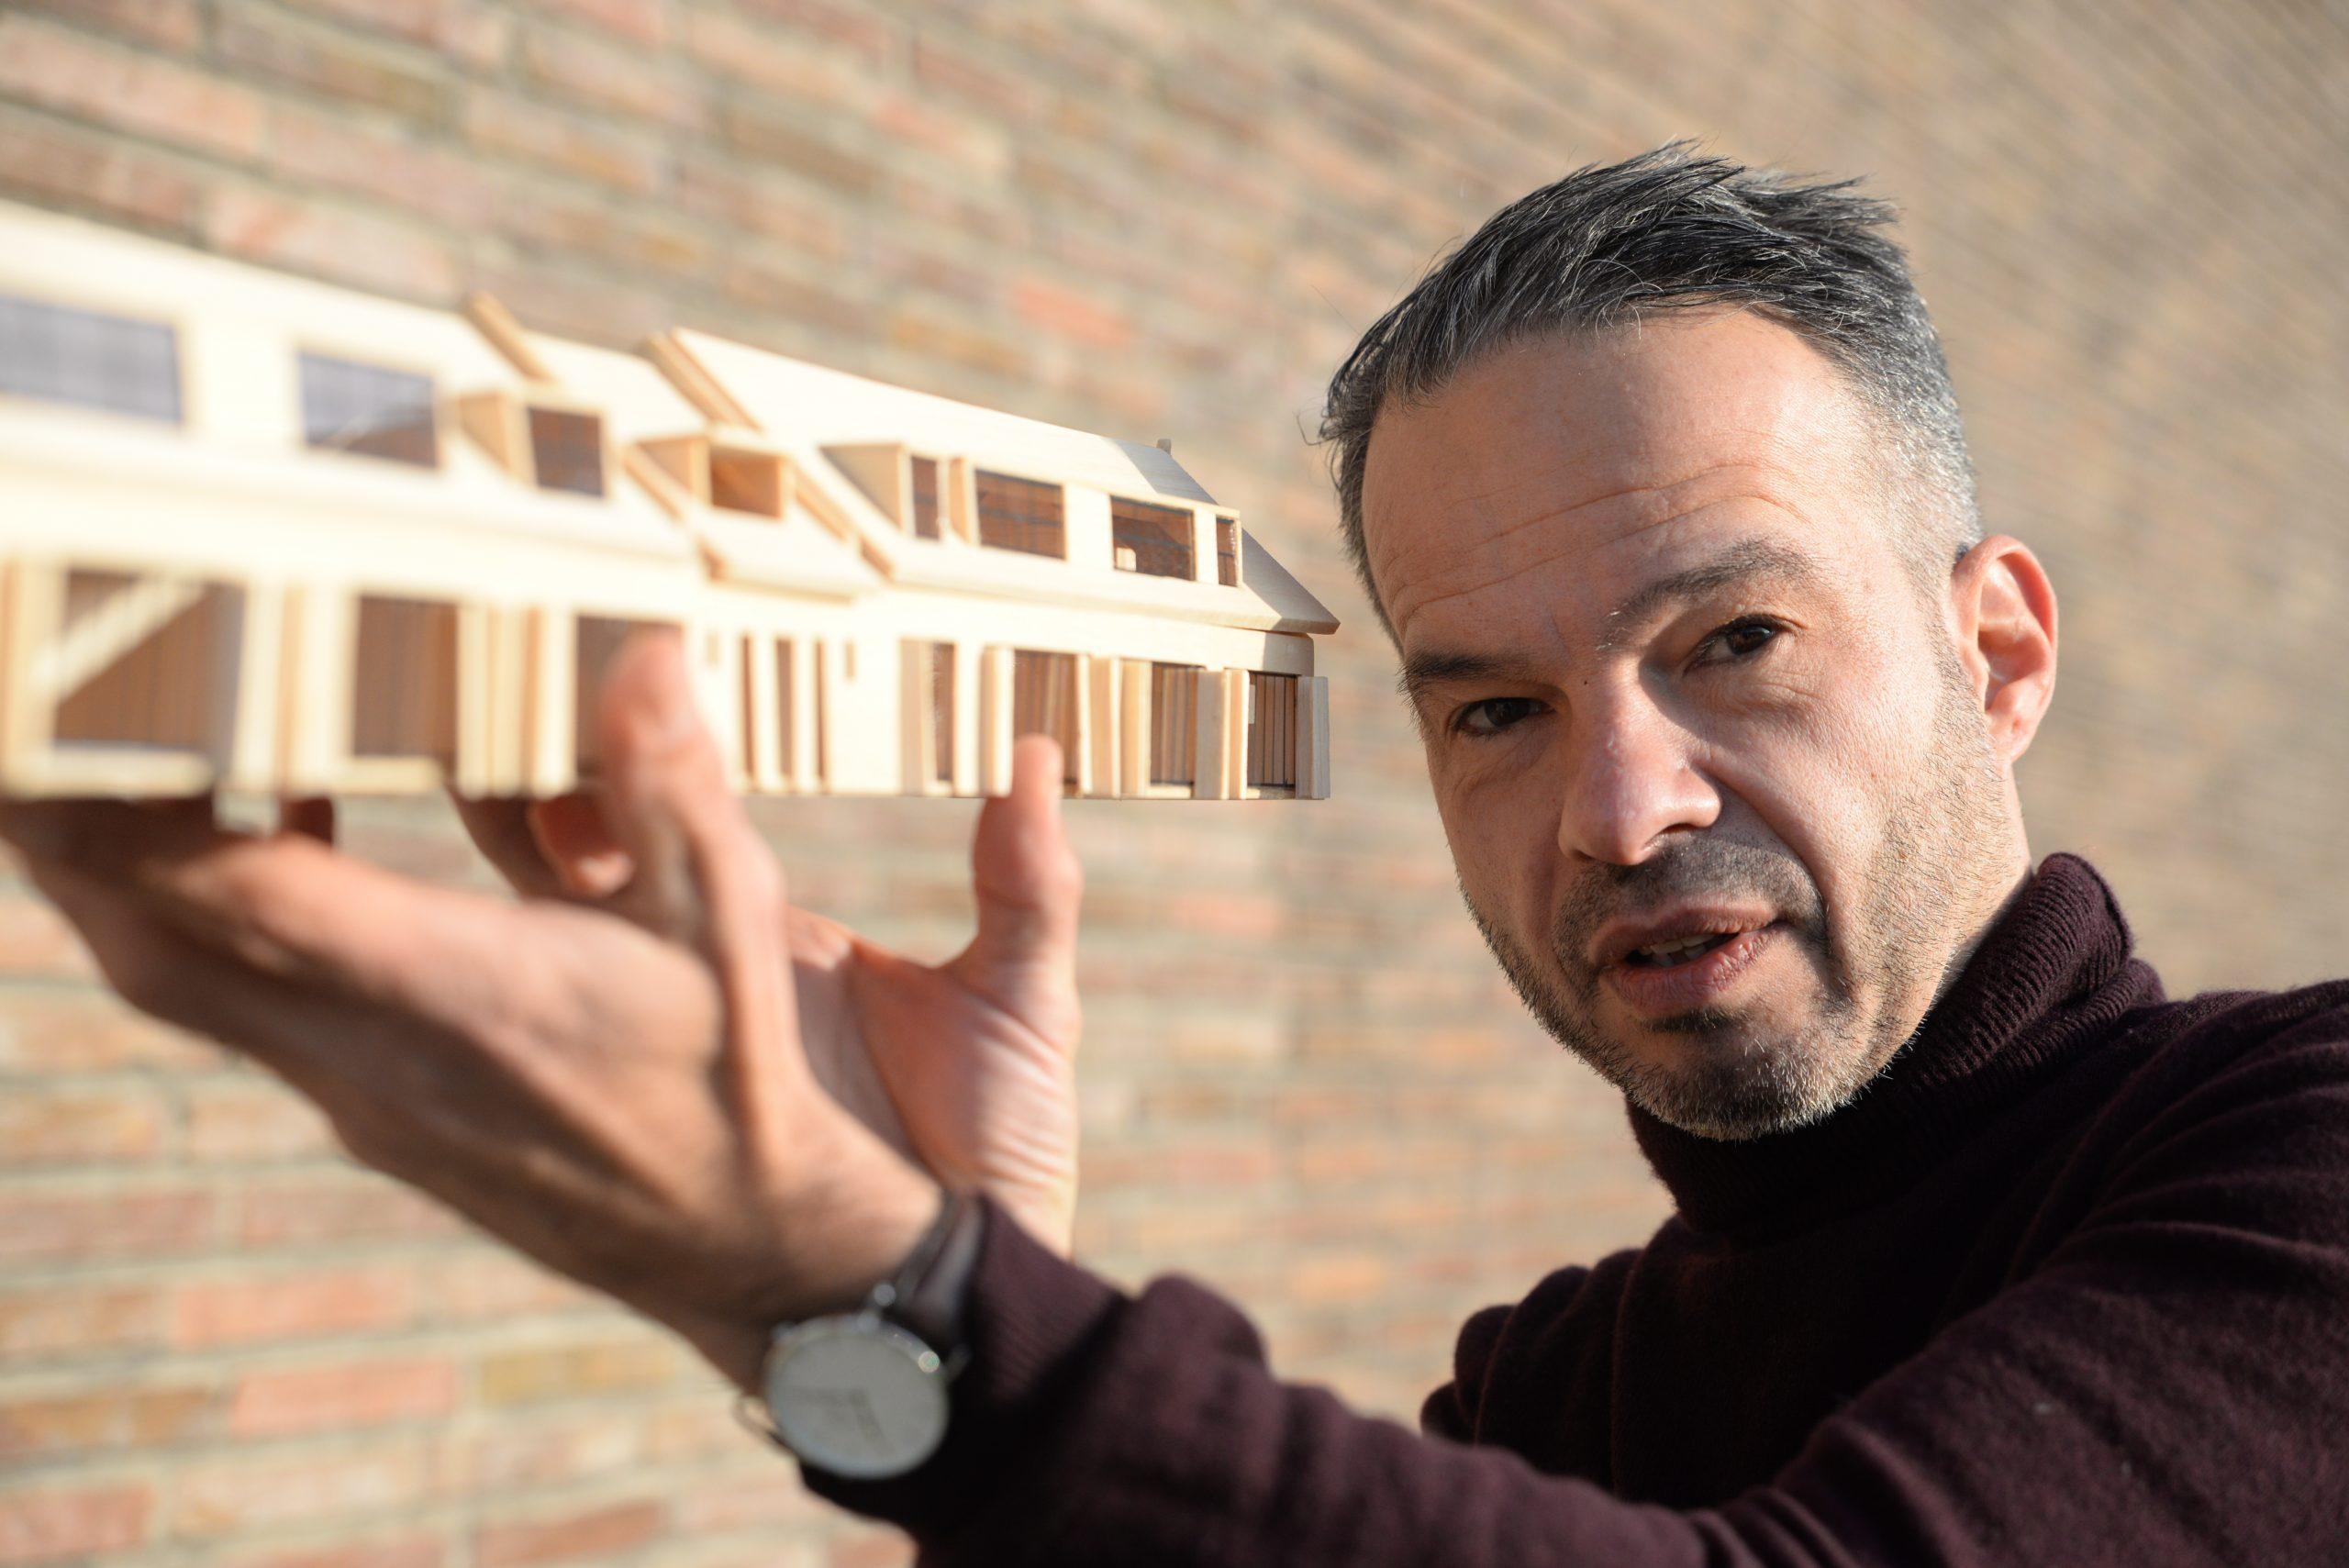 Arnhemse architect met maquette